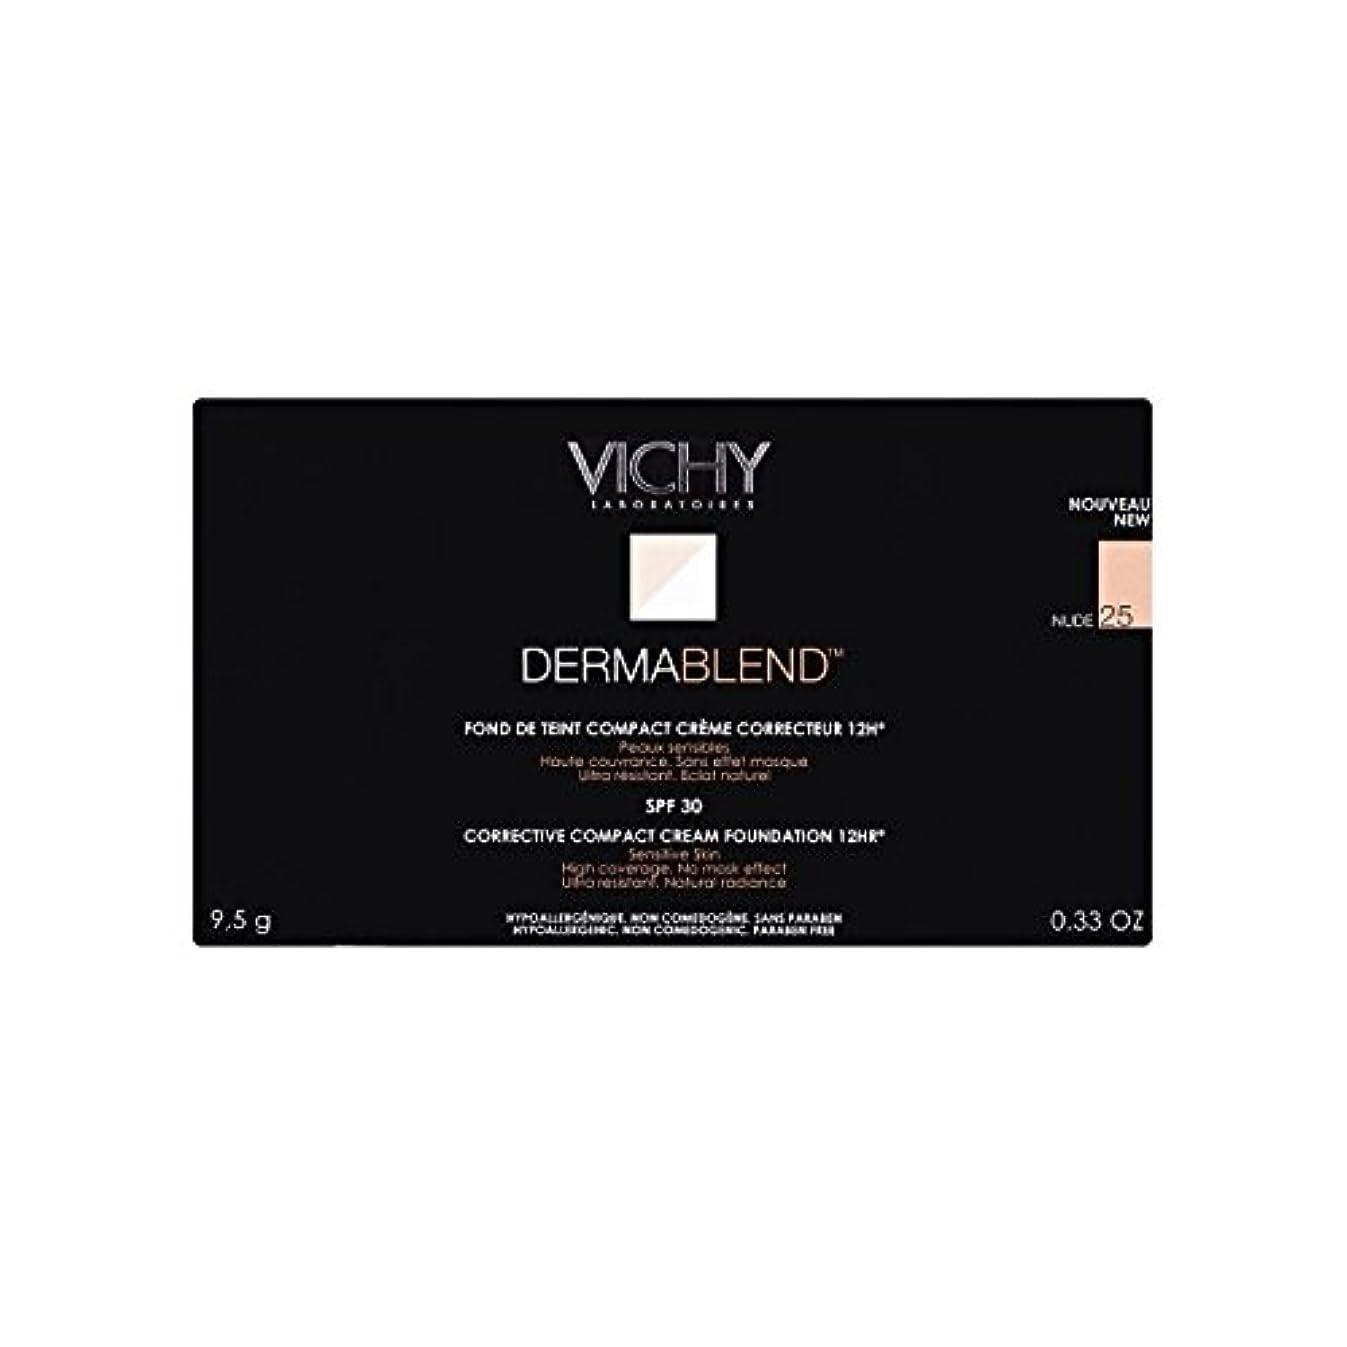 ガチョウ違反する任命するVichy Dermablend Corrective Compact Cream Foundation Nude 25 (Pack of 6) - 25ヌードヴィシー是正コンパクトクリームファンデーション x6 [並行輸入品]